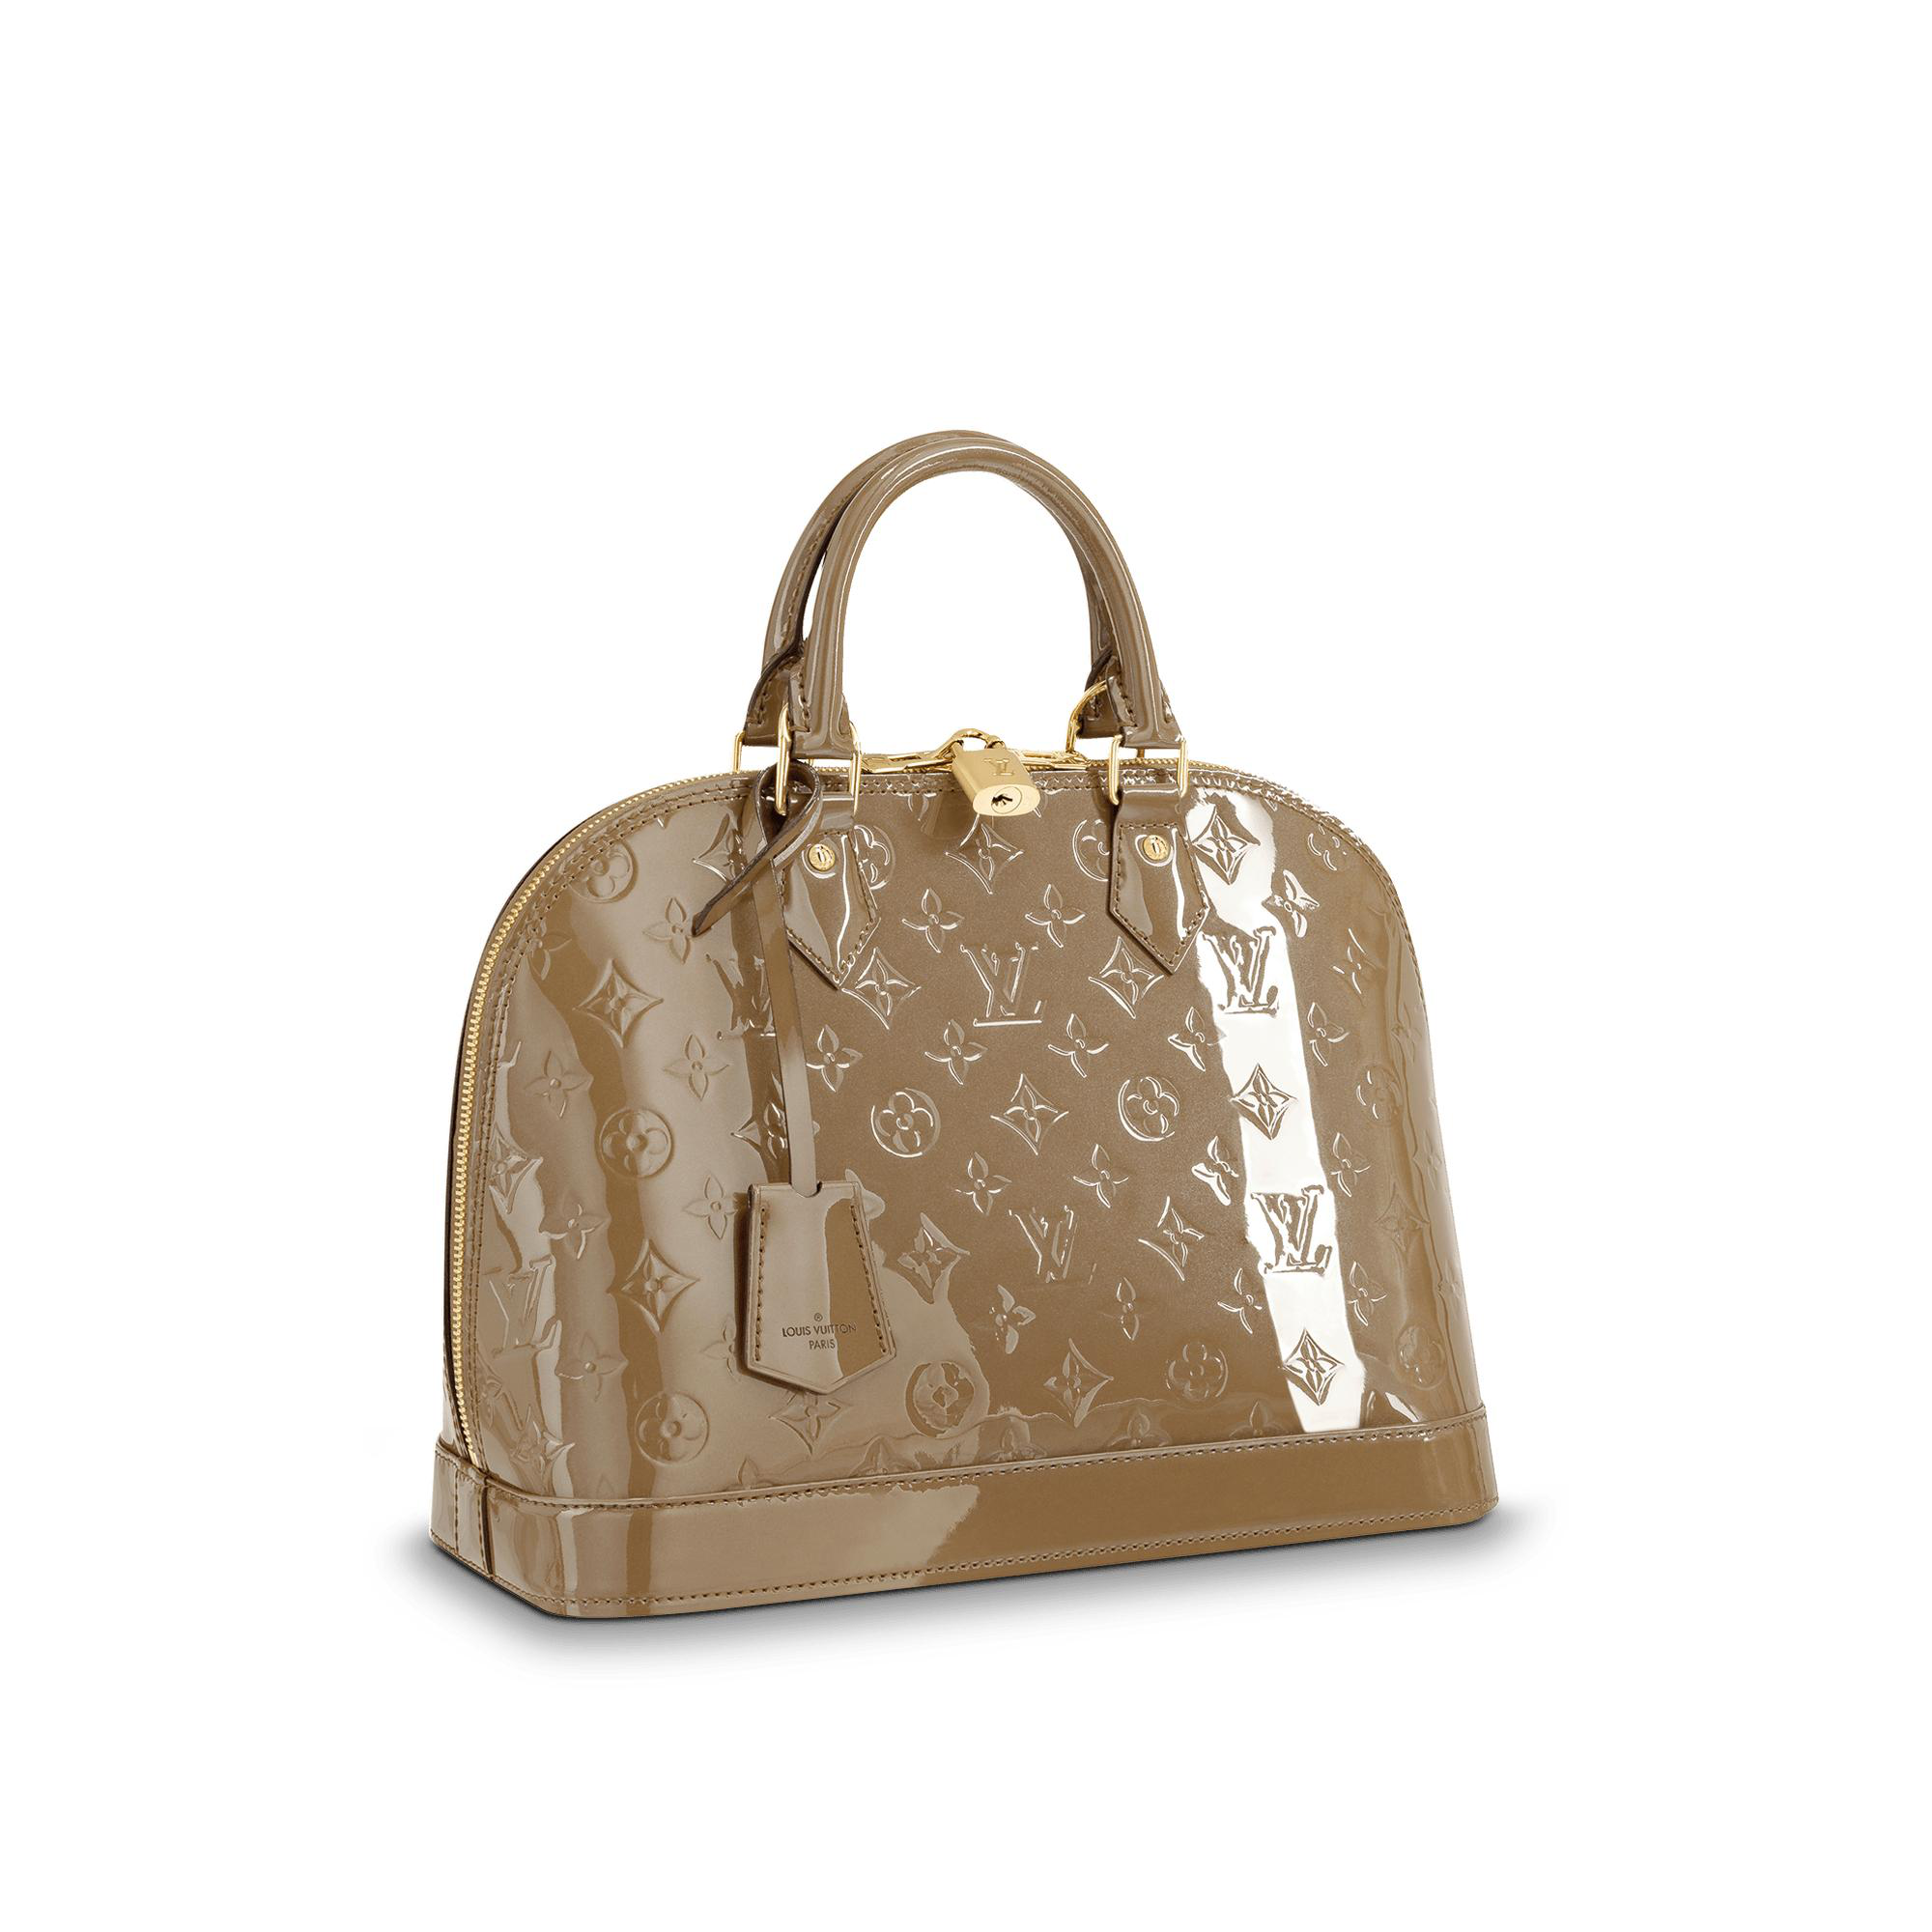 aeb4015dc2c4 Louis Vuitton Alma Pm In Vert Bronze